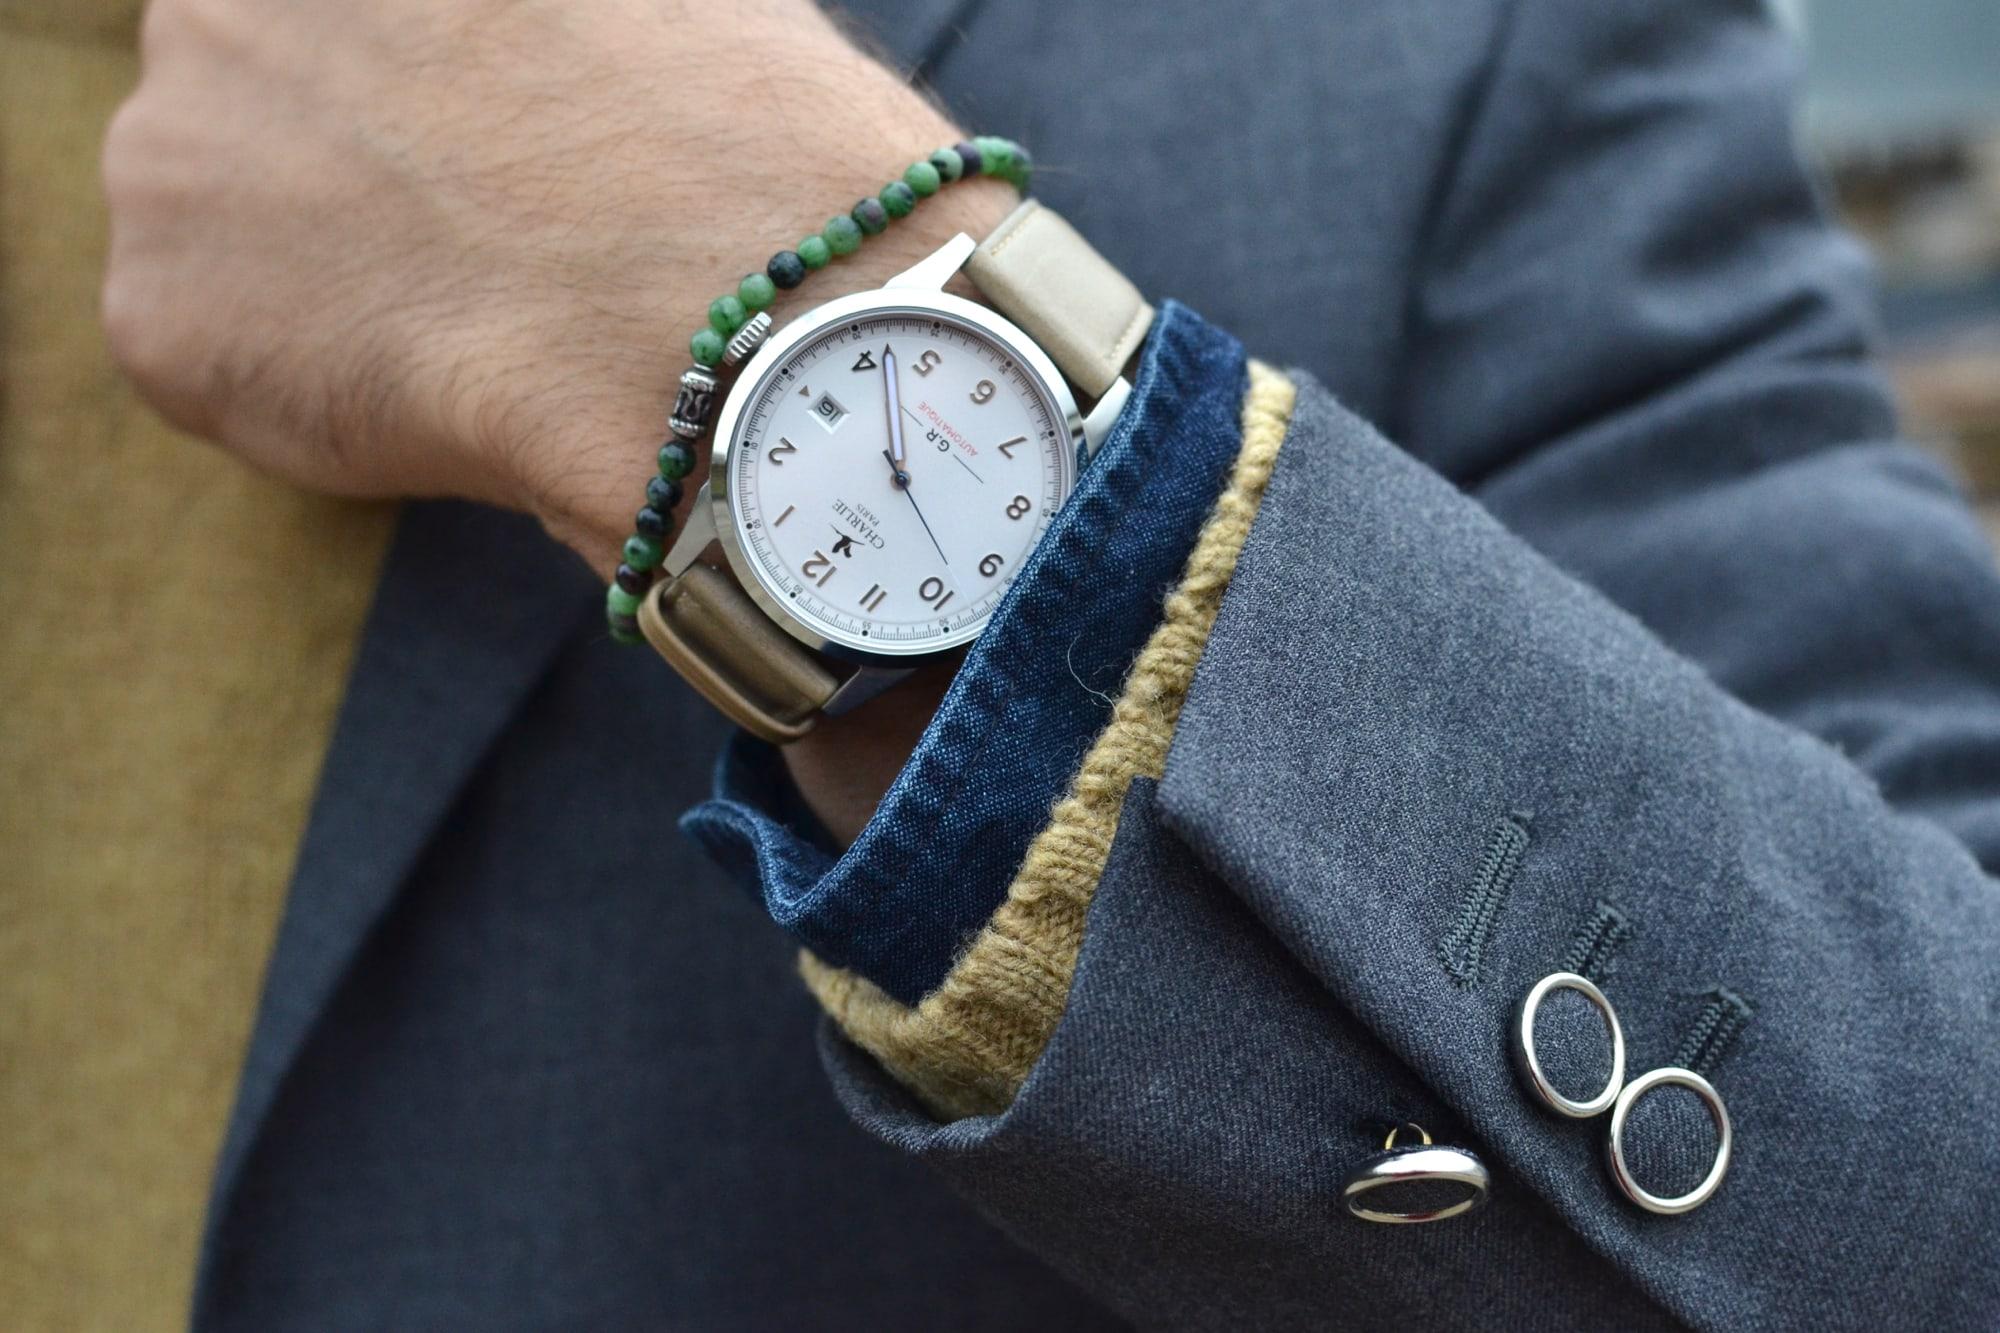 montre automatique GR charlie paris faite en france made in France minimaliste et élégante à porter dans une tenue style casual chic idée cadeau